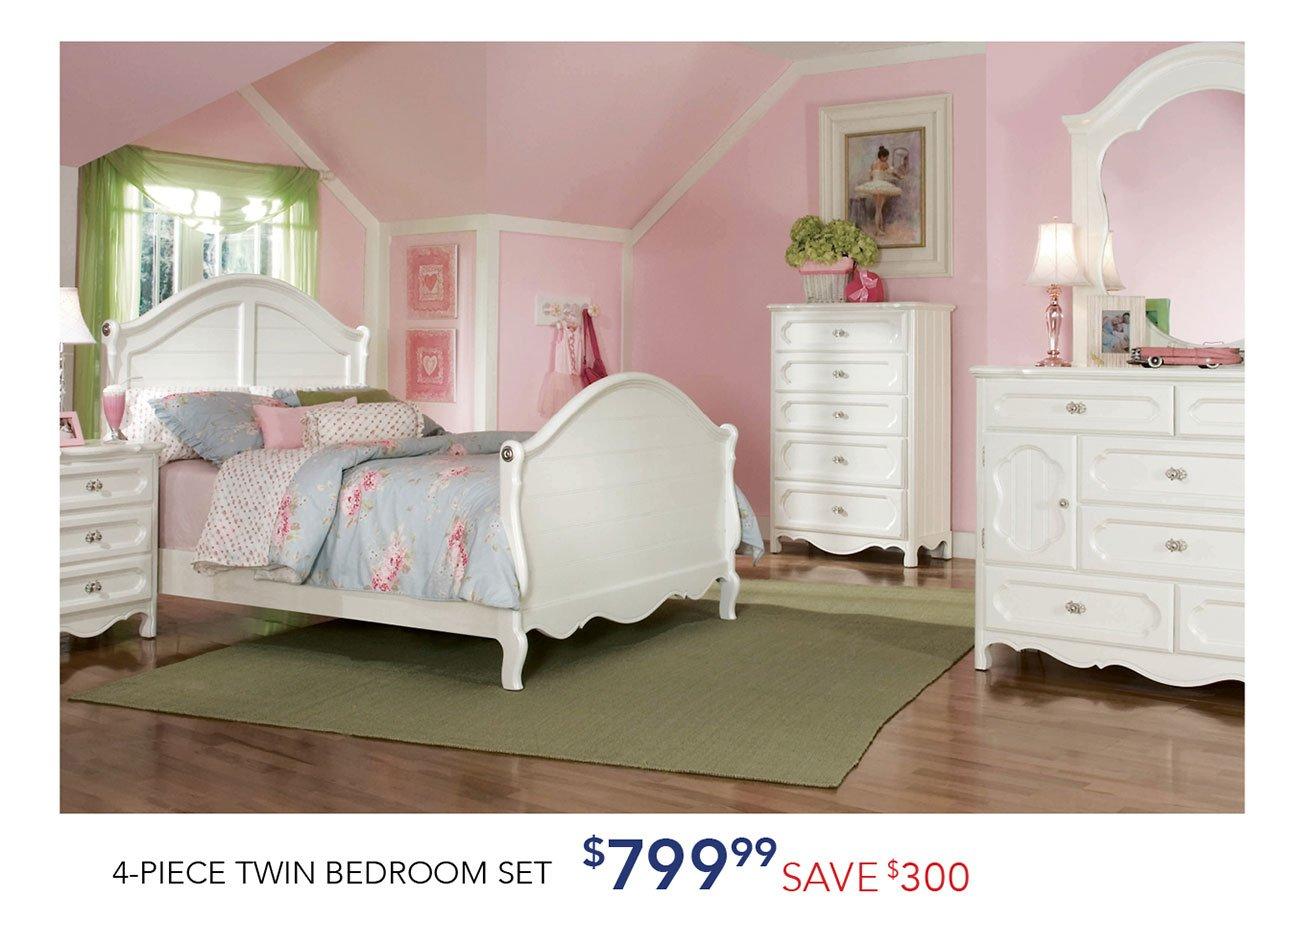 4-piece-twin-bedroom-set